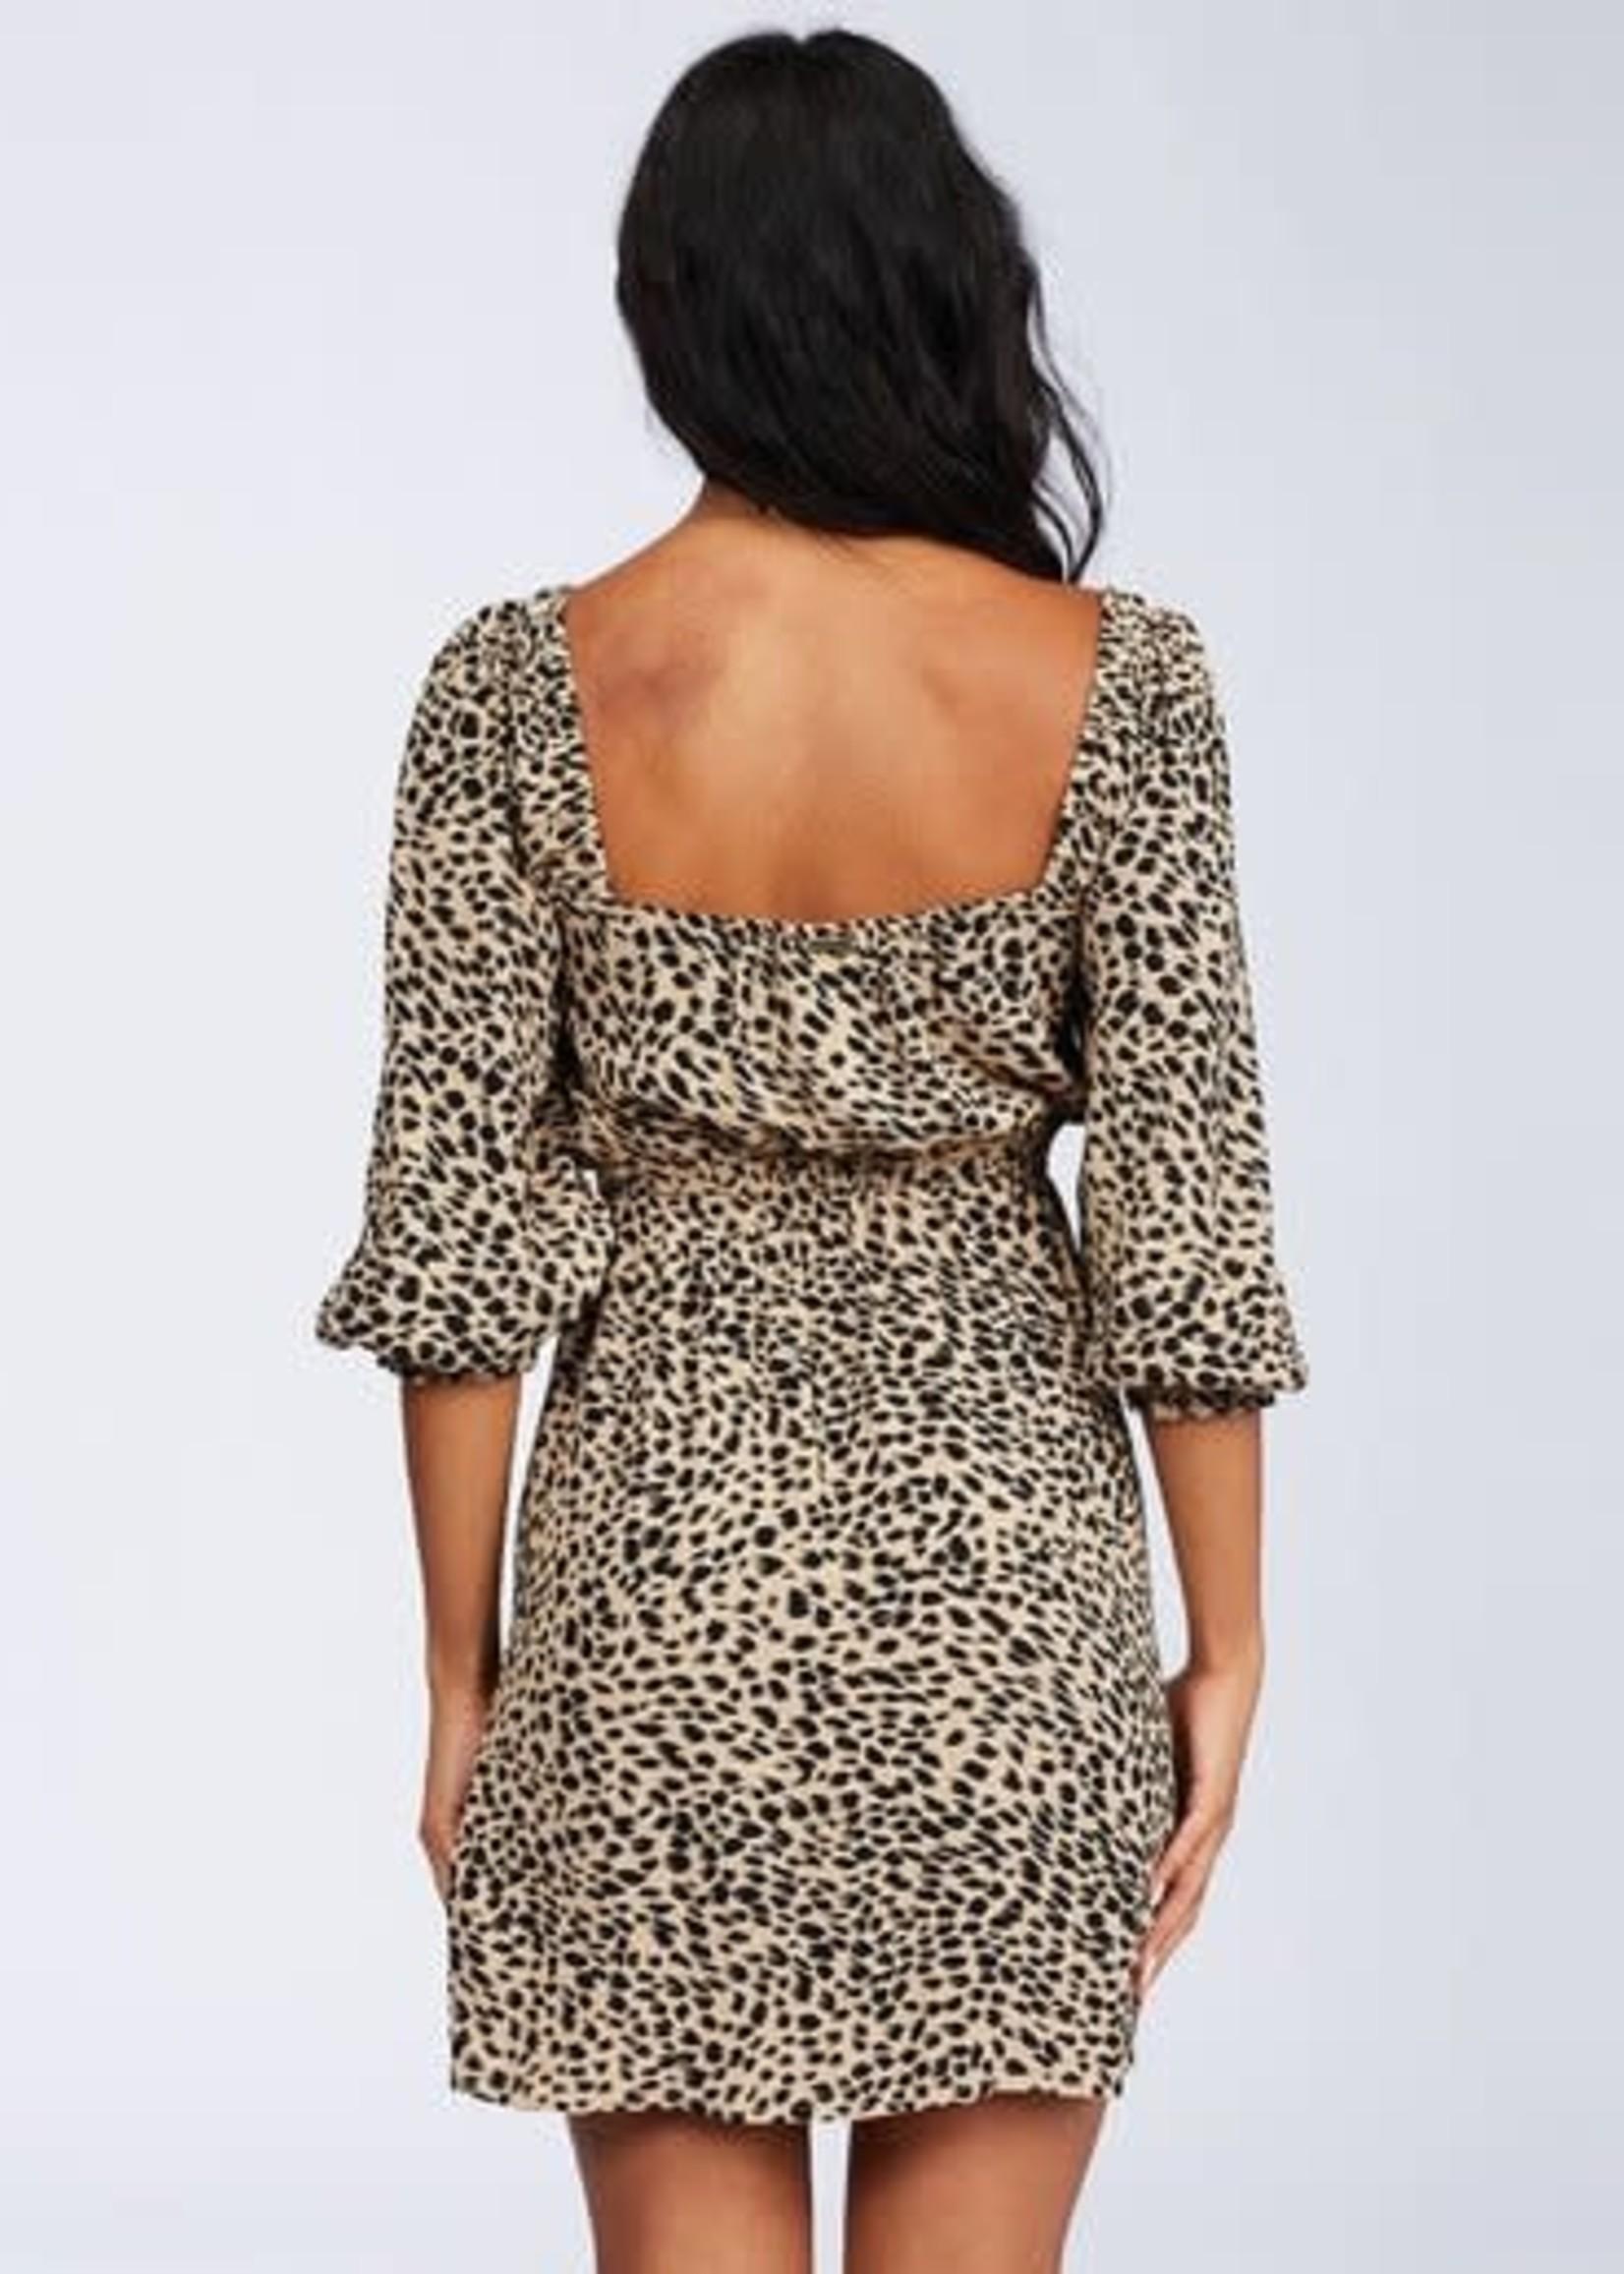 Billabong Riviera Mini Dress - Leopard